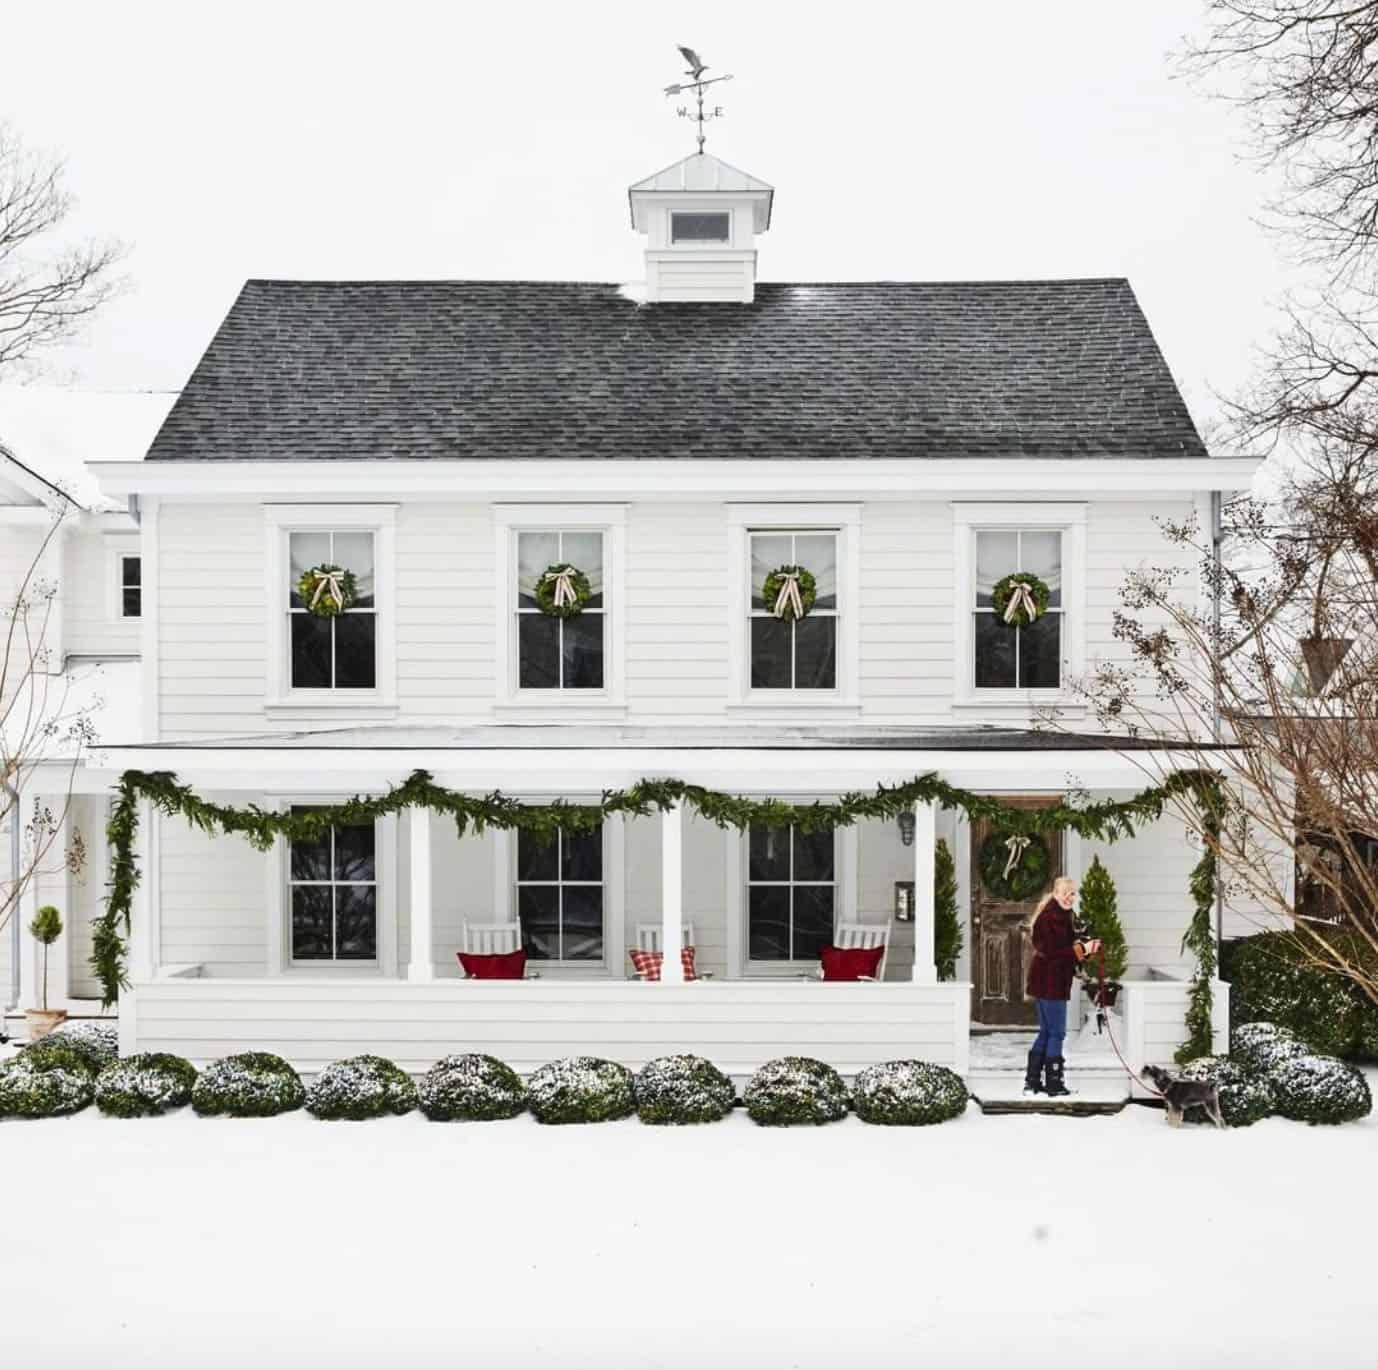 christmas-decor-ideas-house